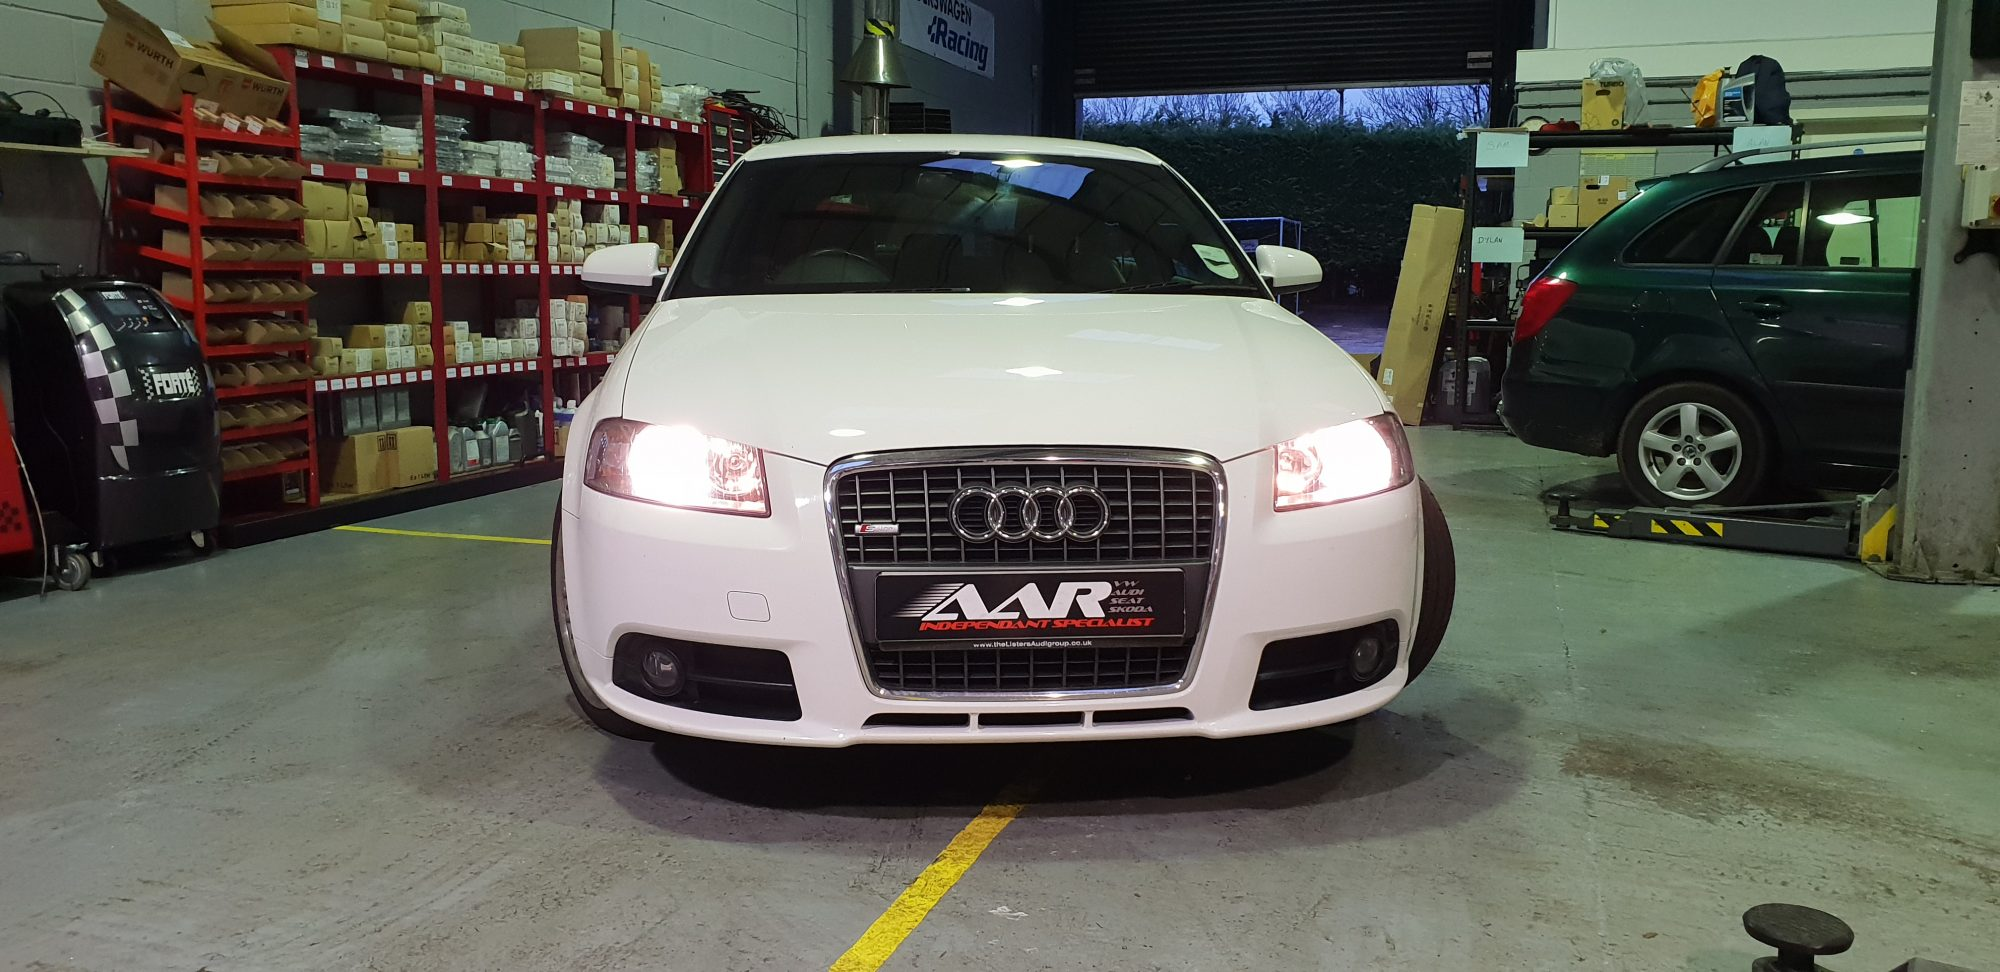 Audi A3 DSG gearbox fault - juddering-erratic gear changes-mechatronic